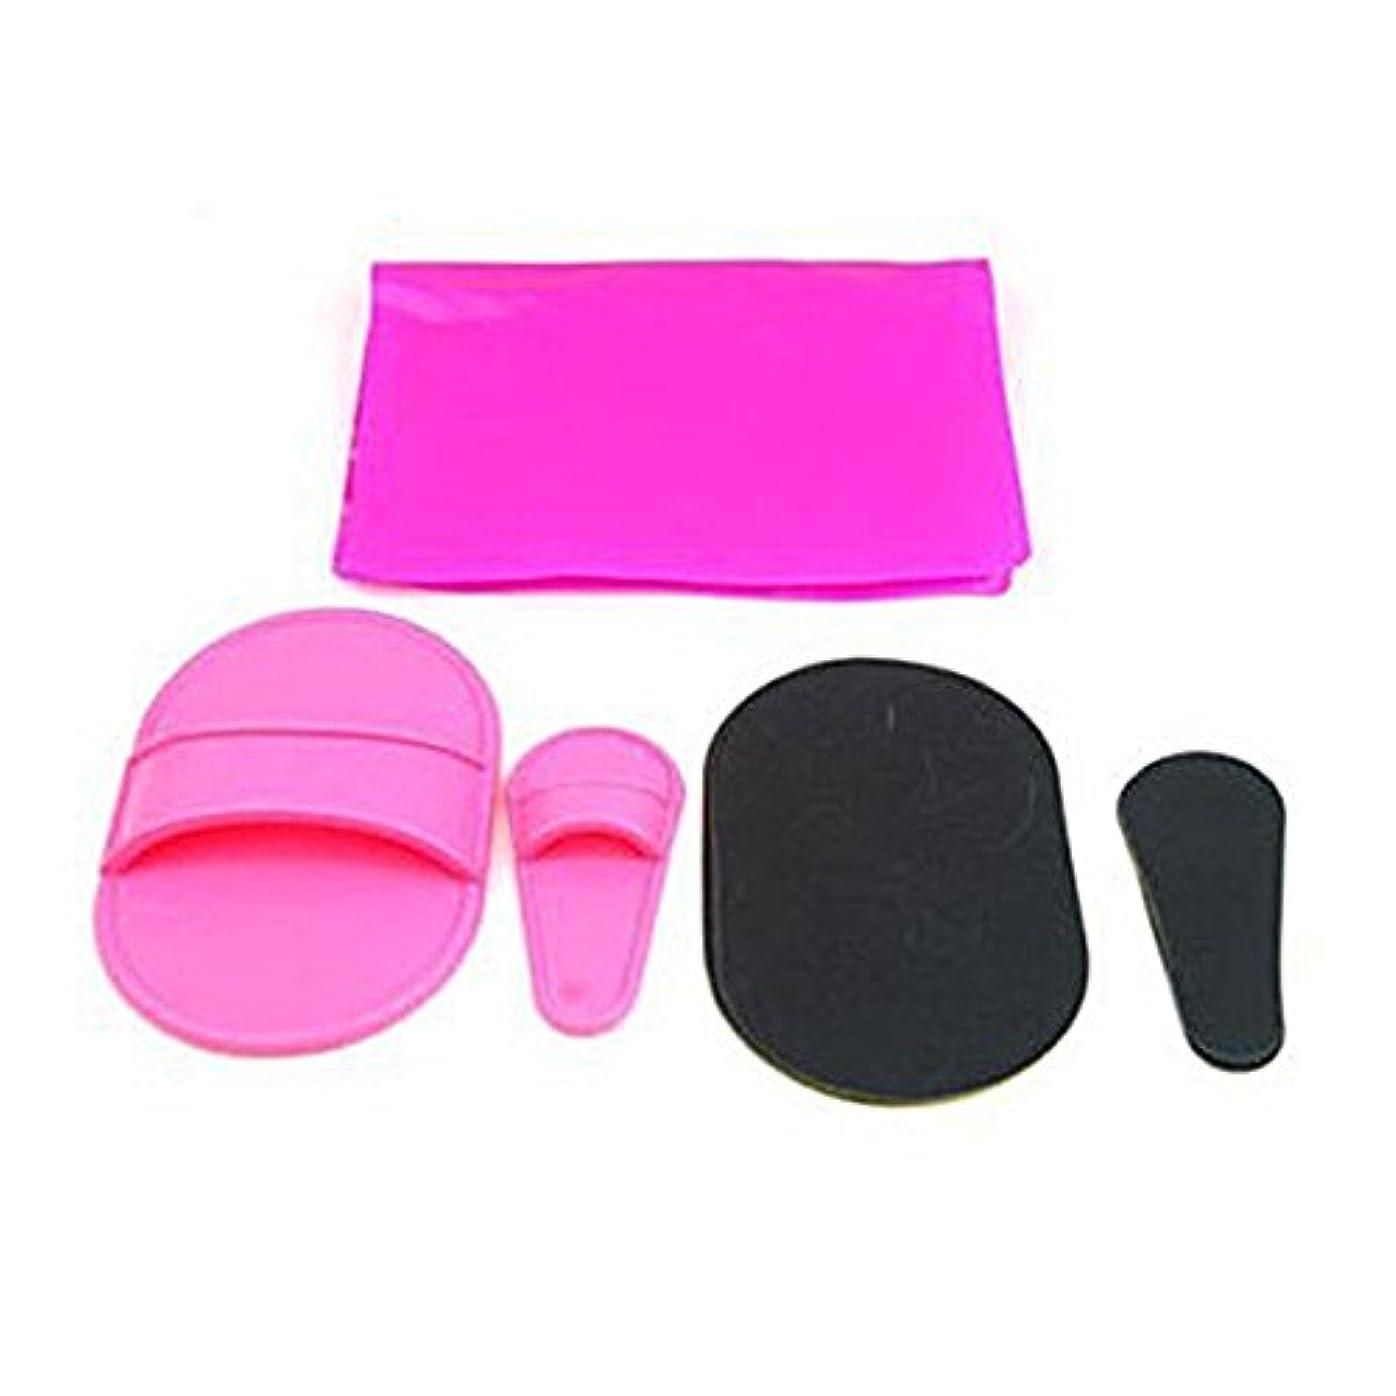 伸ばすペネロペ茎携帯用小型毛の除去剤のボディローションの滑らかな皮への滑らかなフィートのパッドの脱毛剤